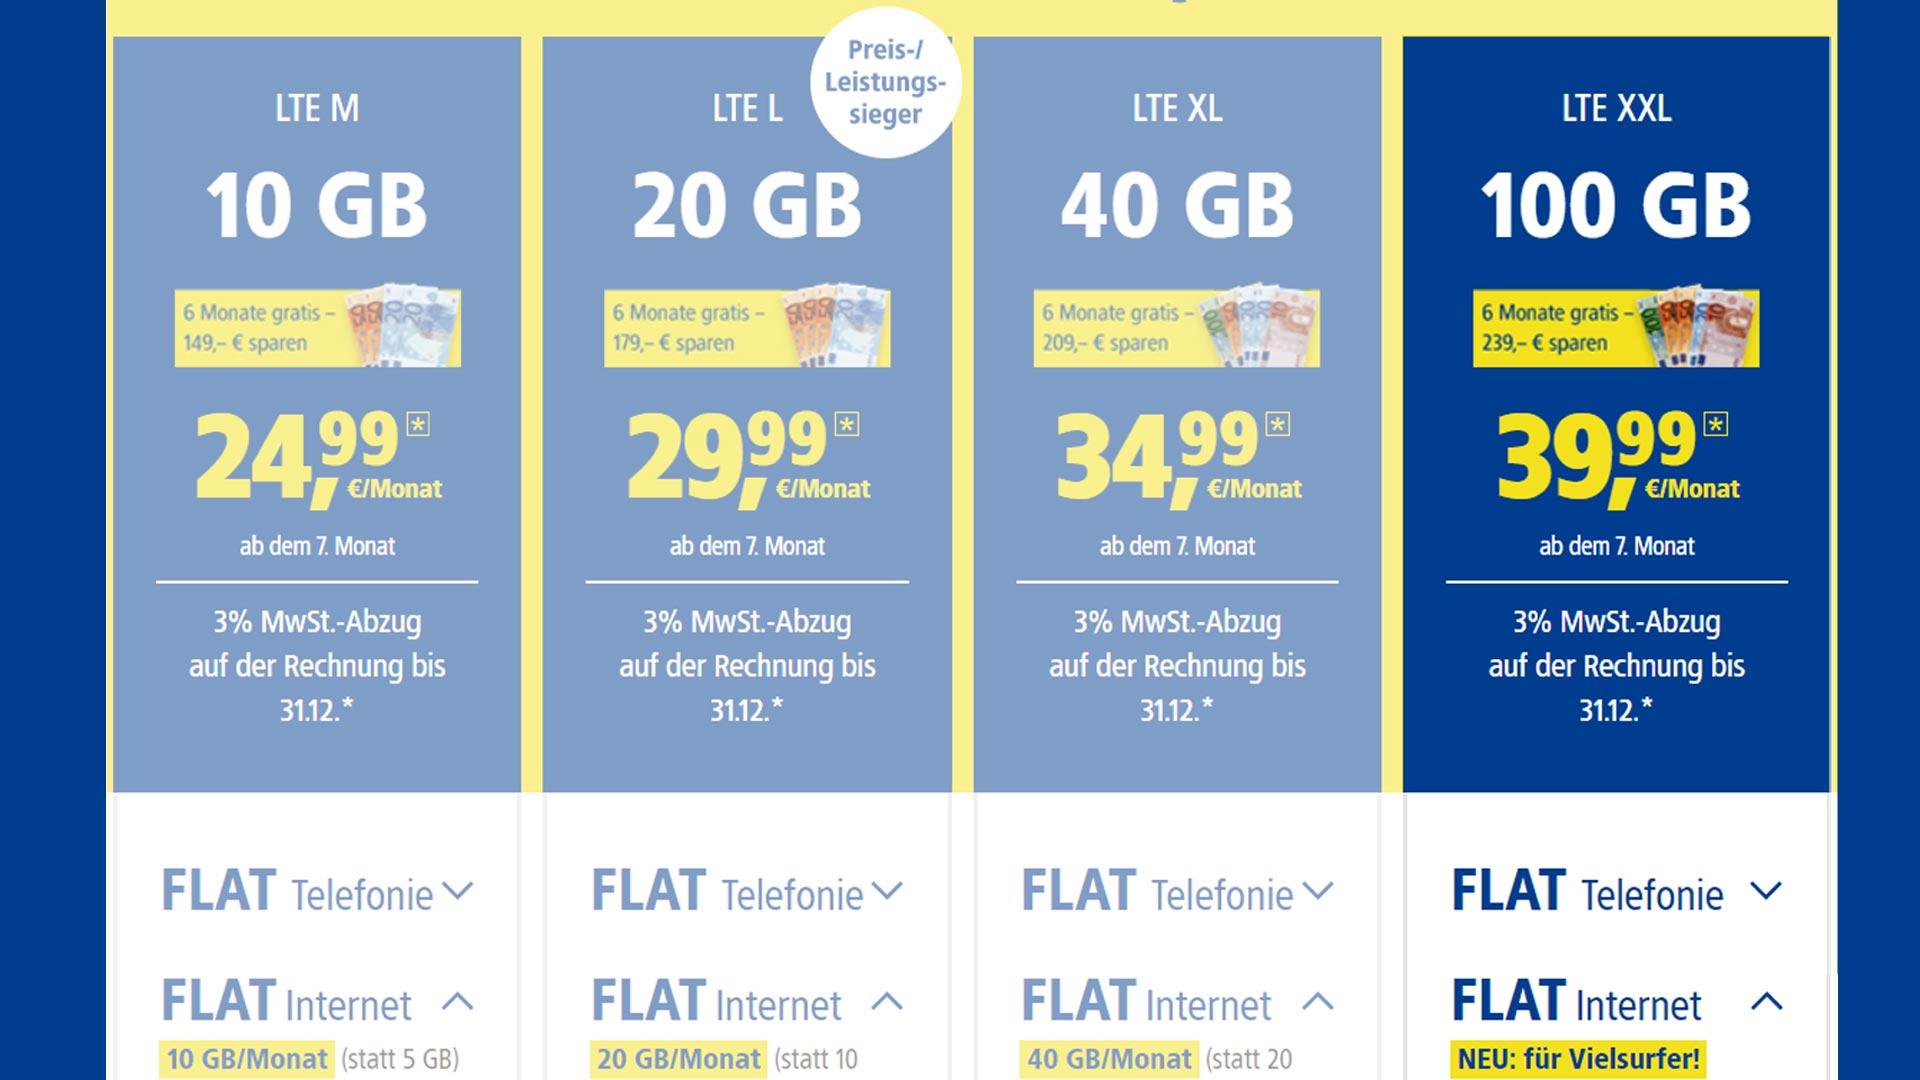 1&1 All-Net-Flat Lte Xl